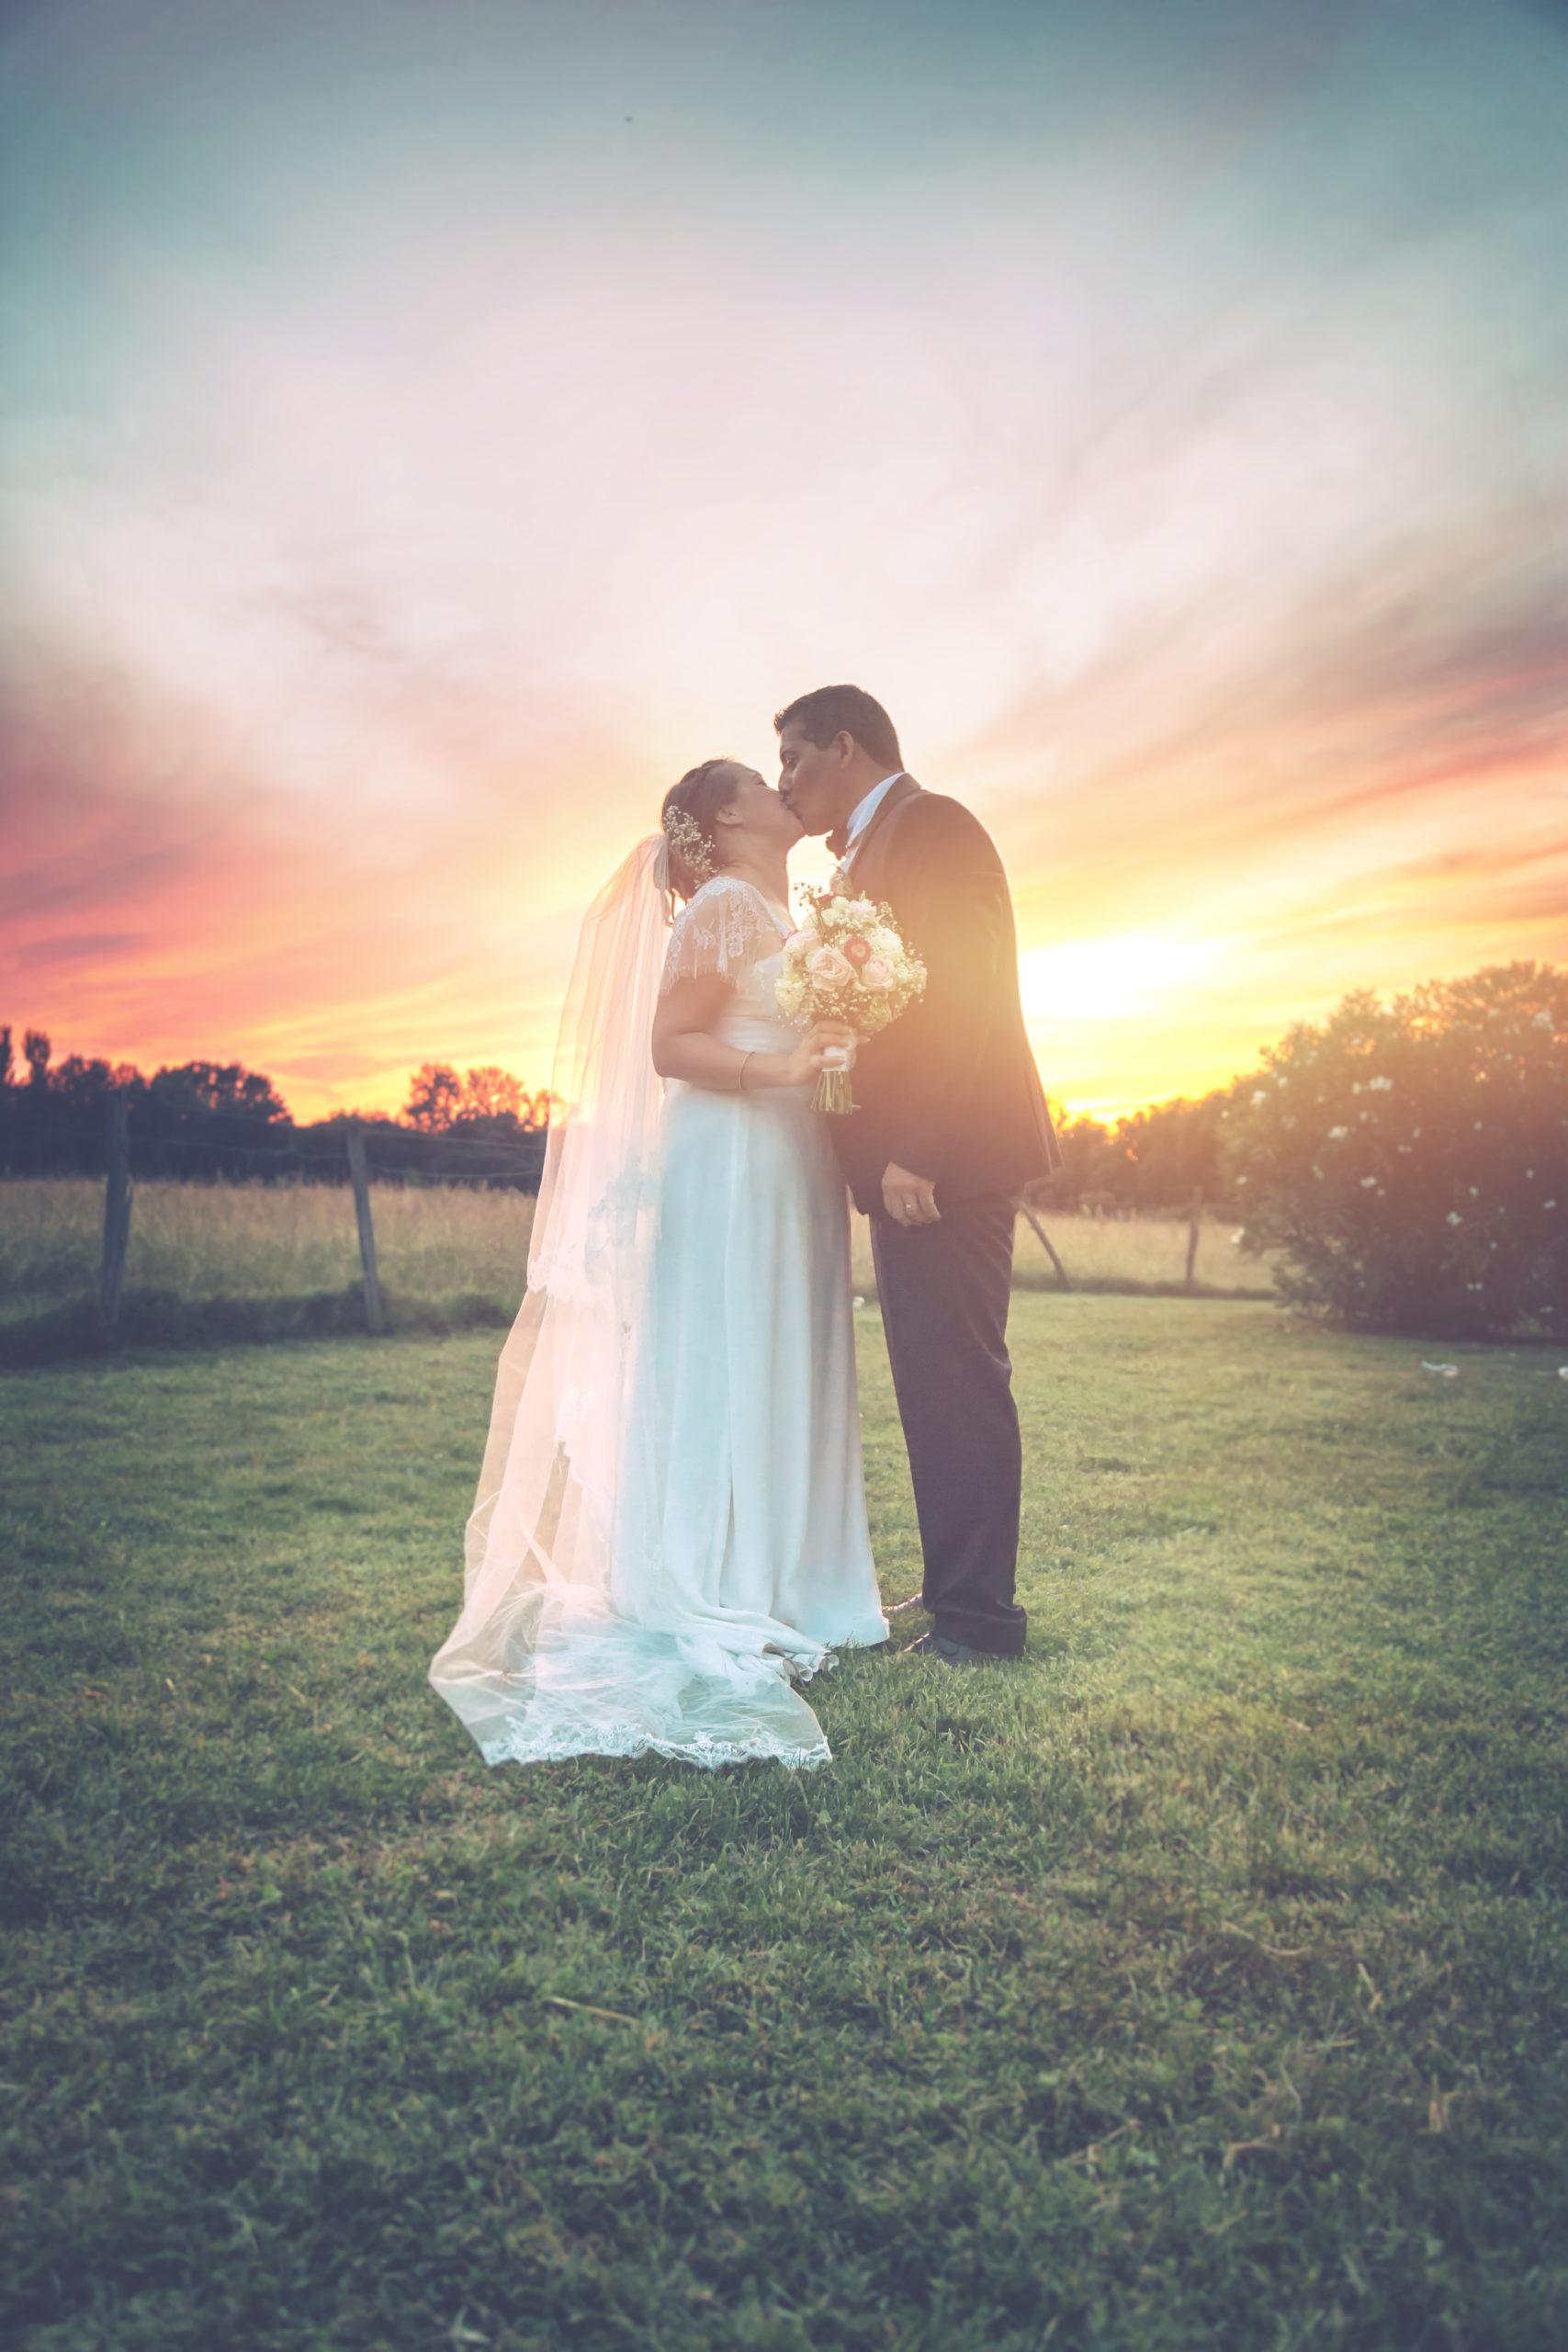 photographe de mariage portrait couple mariés Eternel Présent